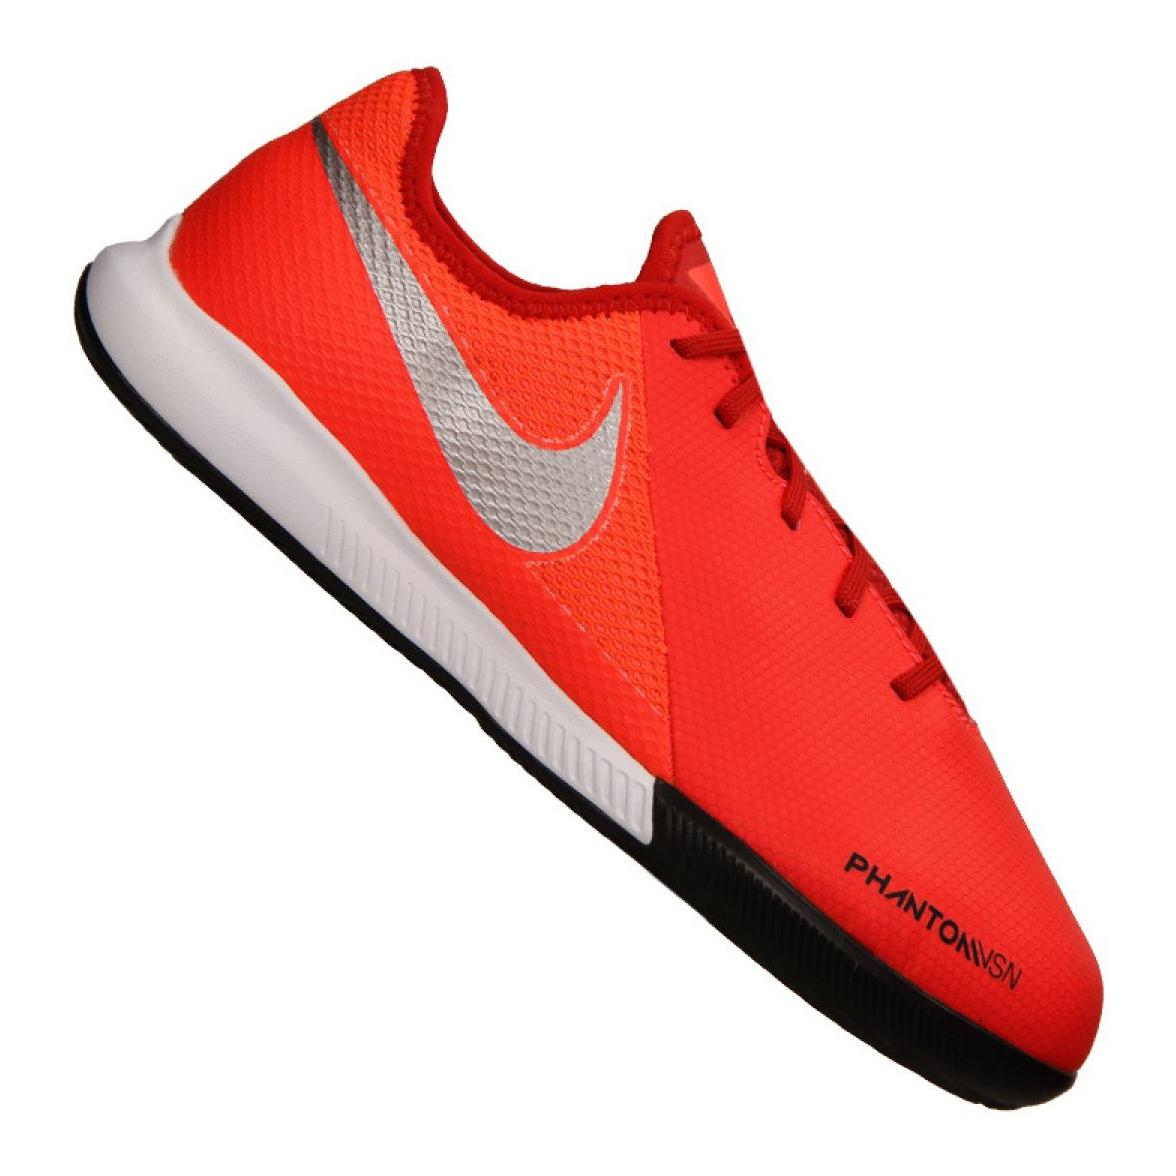 Beltéri cipő Nike Phantom Vsn Academy Ic Jr AR4345 600 piros narancs